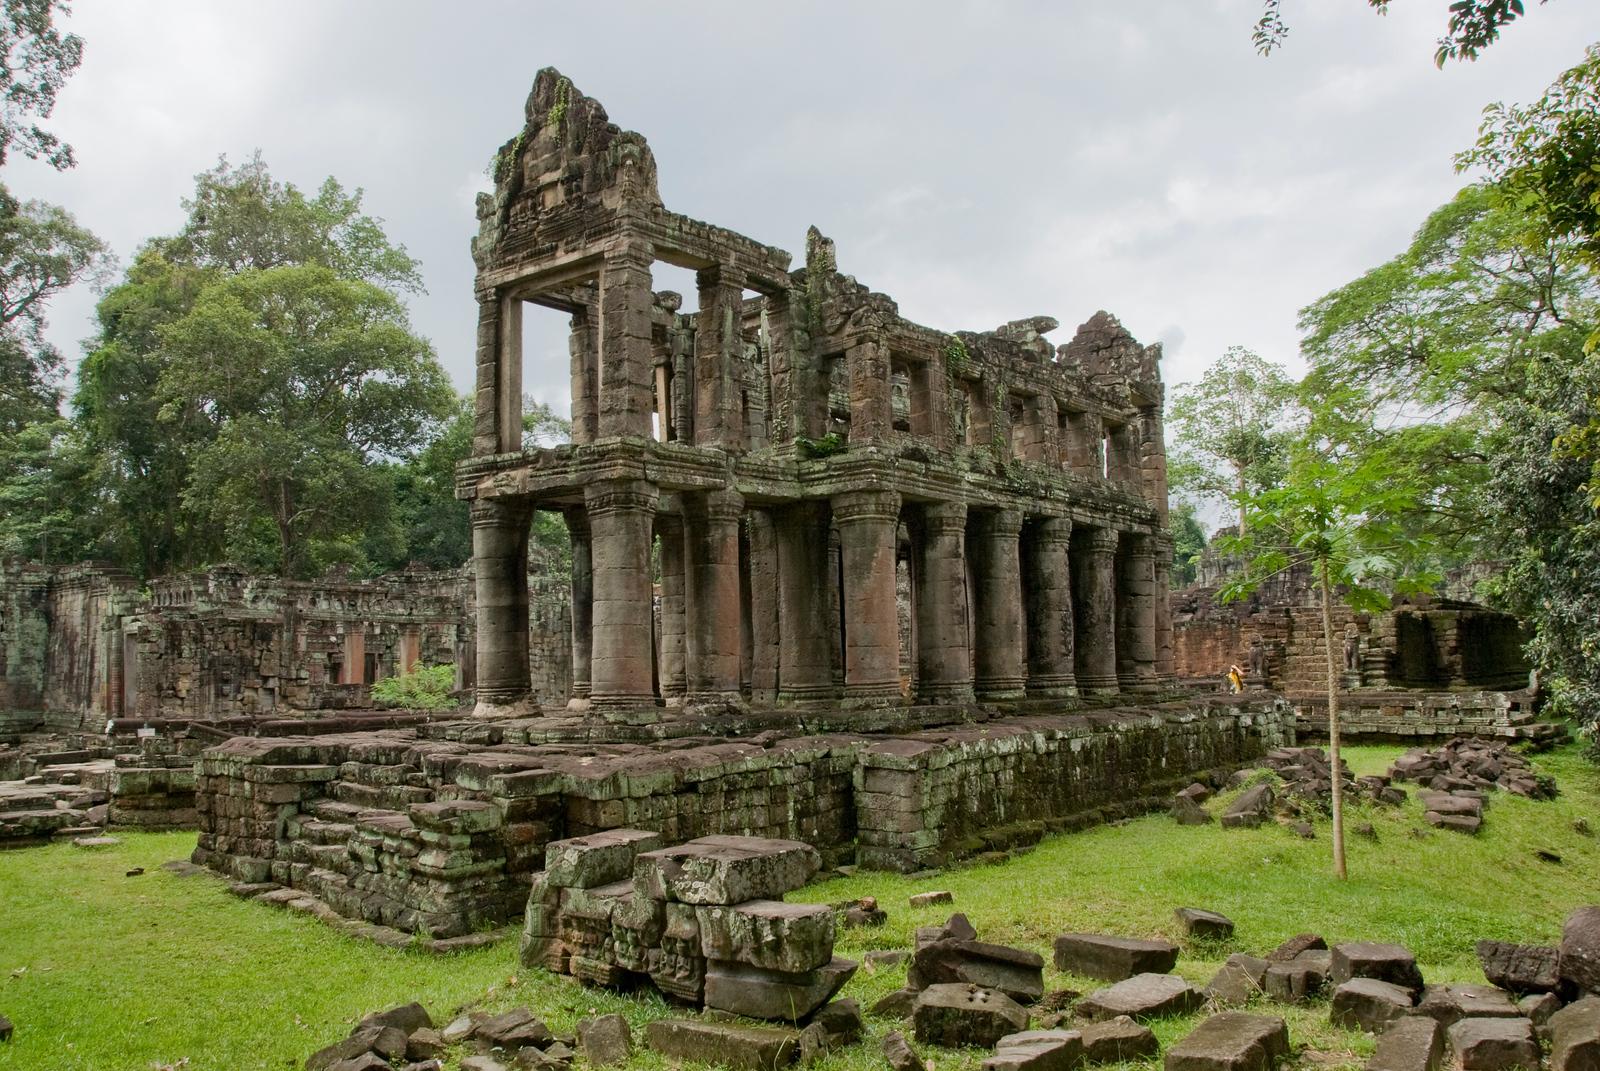 Kết quả hình ảnh cho Angkor